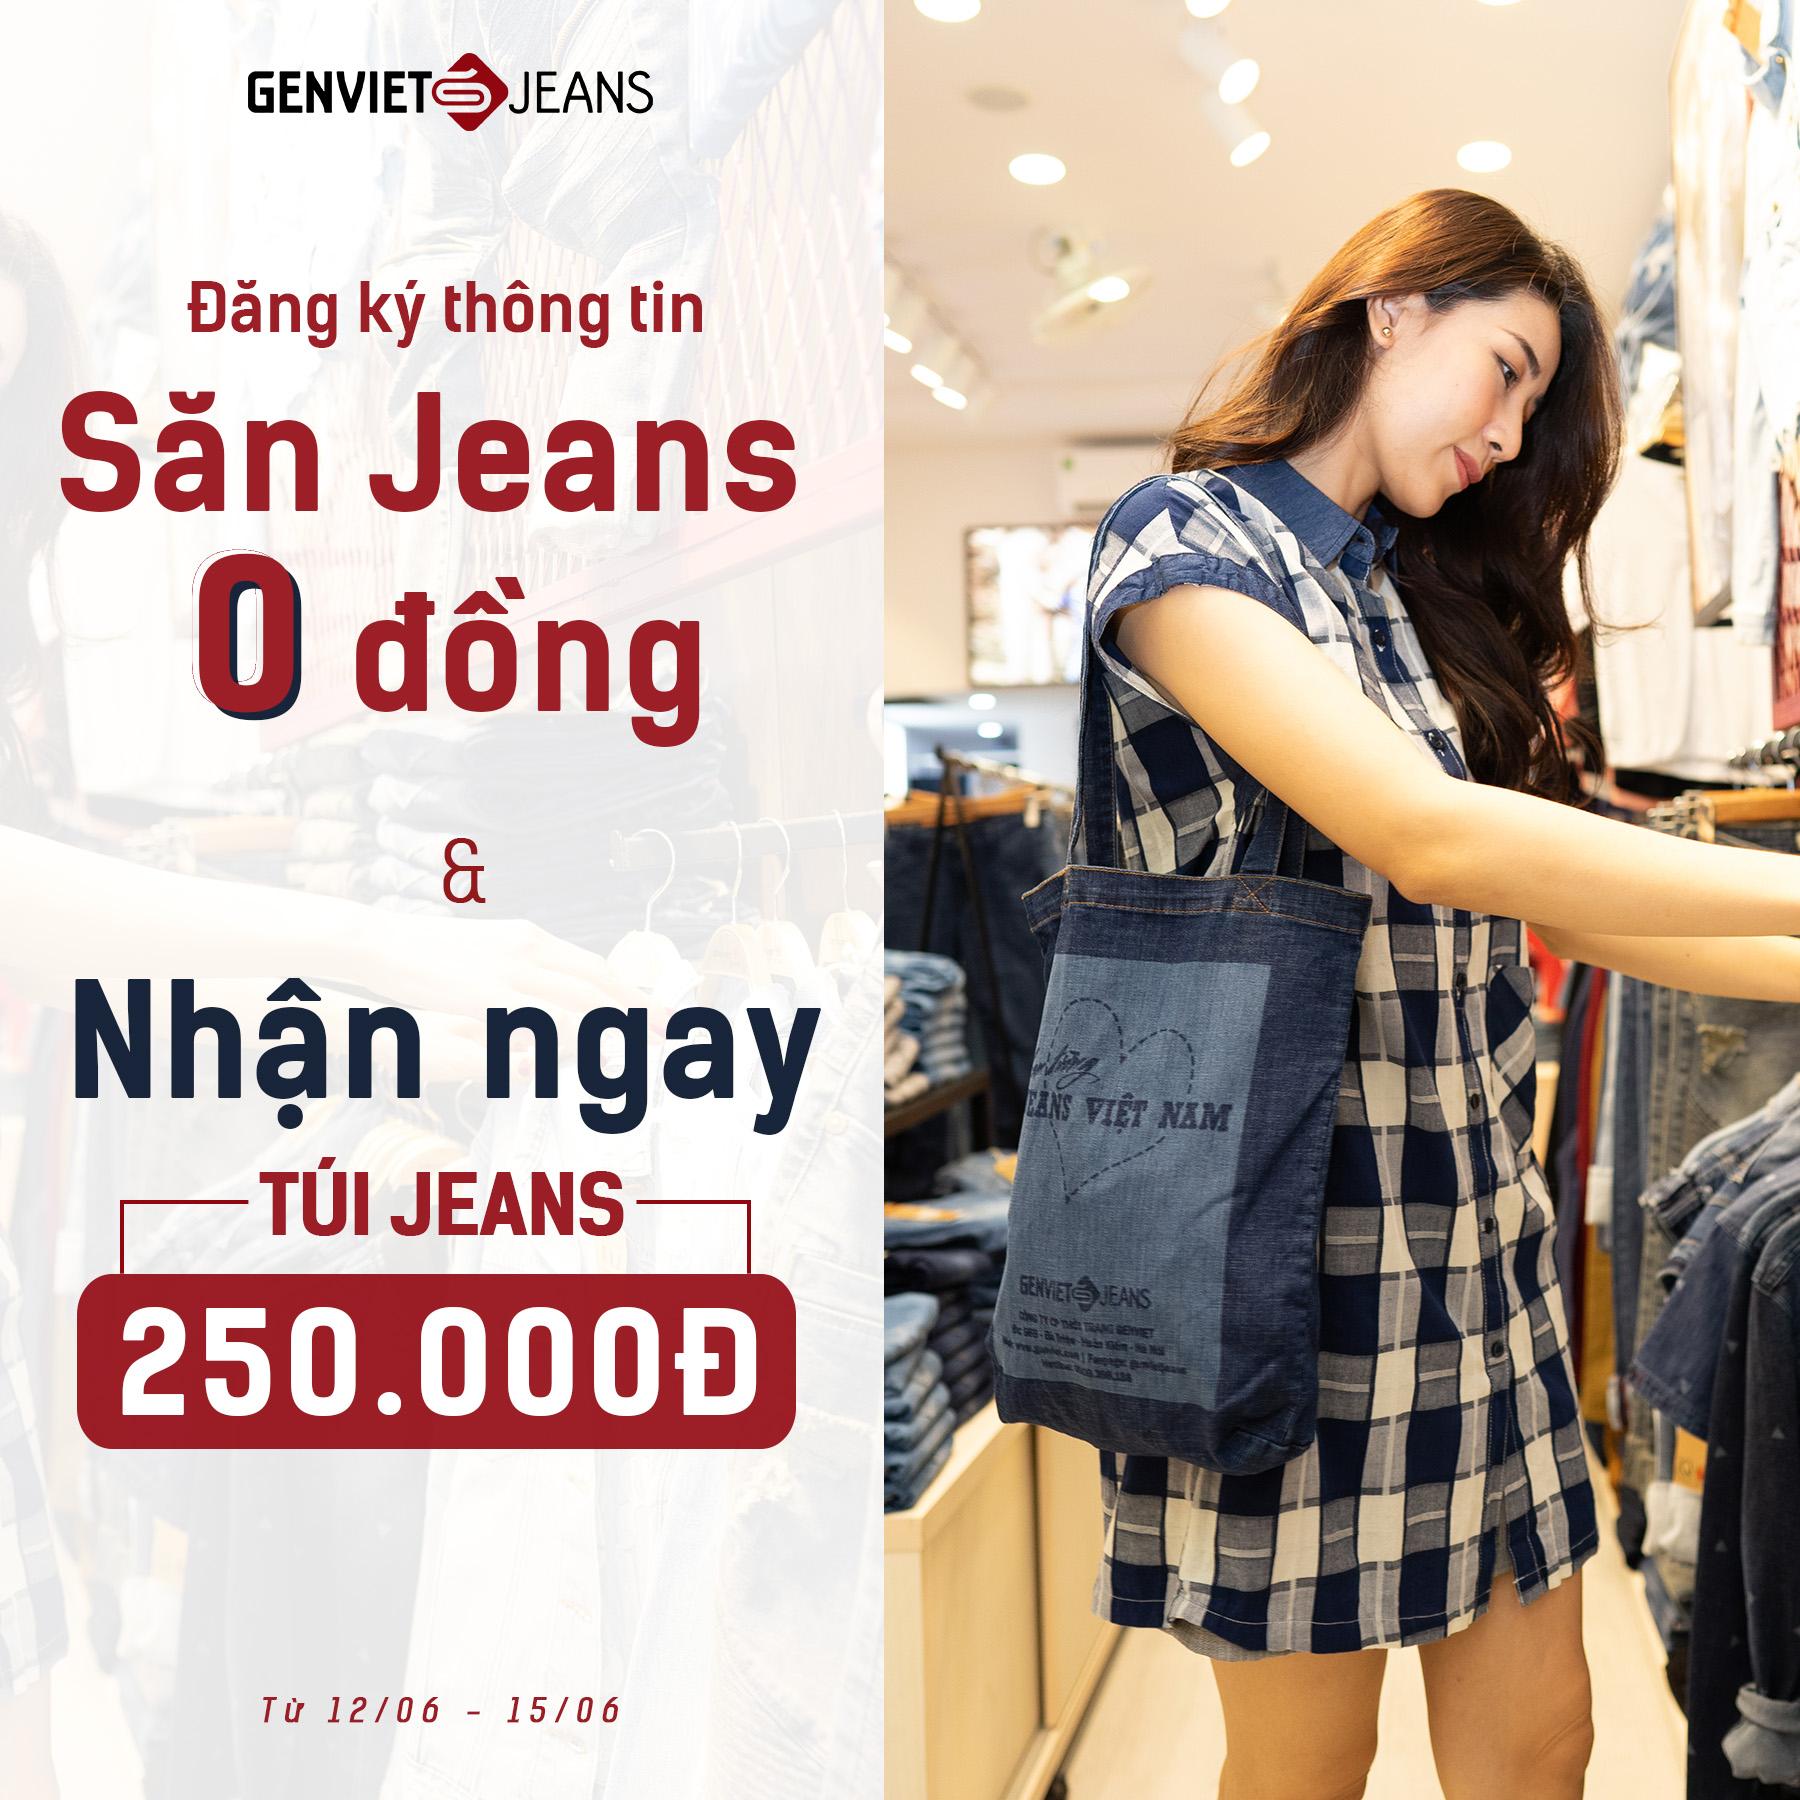 Khai trương điểm bán GENVIET thứ 2 tại 102 Lê Duẩn – TP Đà Nẵng